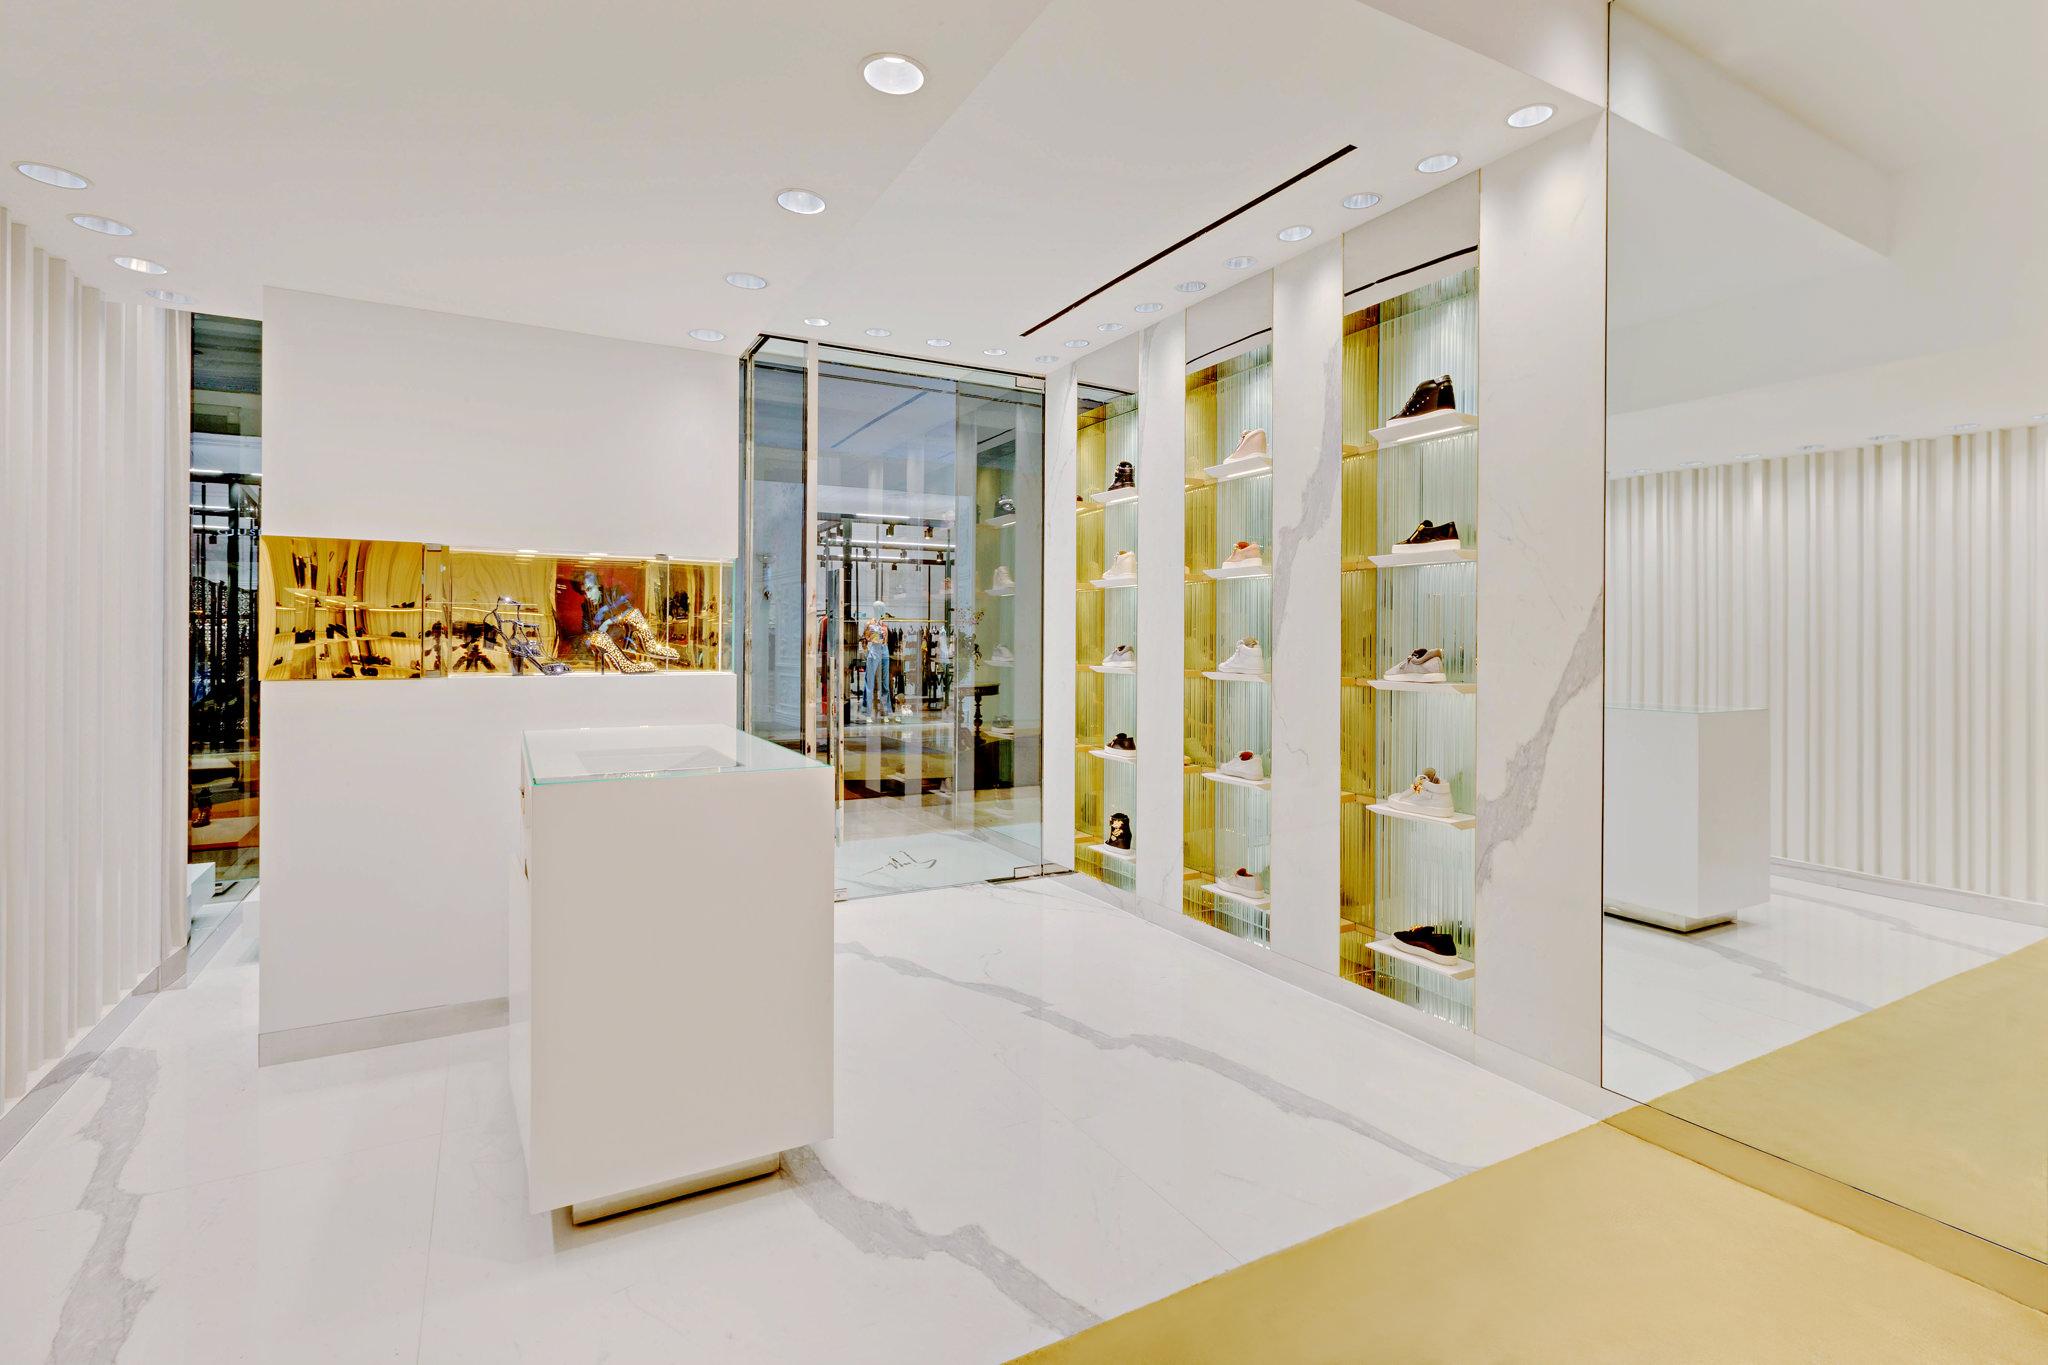 20170807 - Giuseppe Zanotti - HCM - Commercial - Interior - Store - Retouch 16.jpg